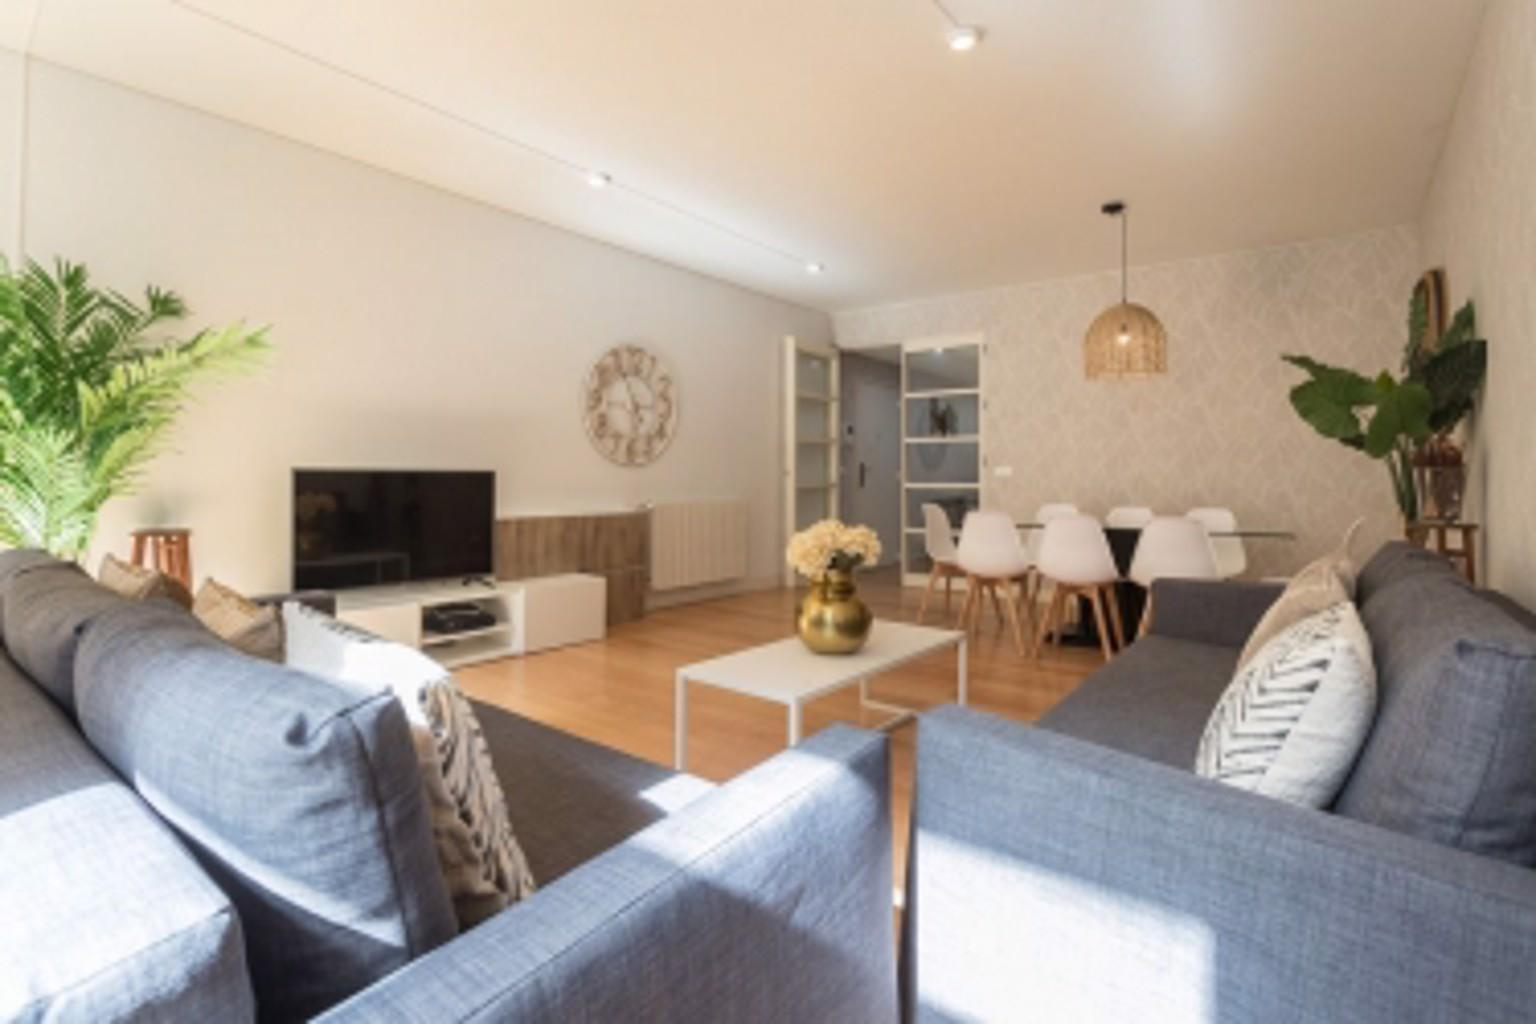 Chiado Modern Three Bedroom Apartment by LU Holidays